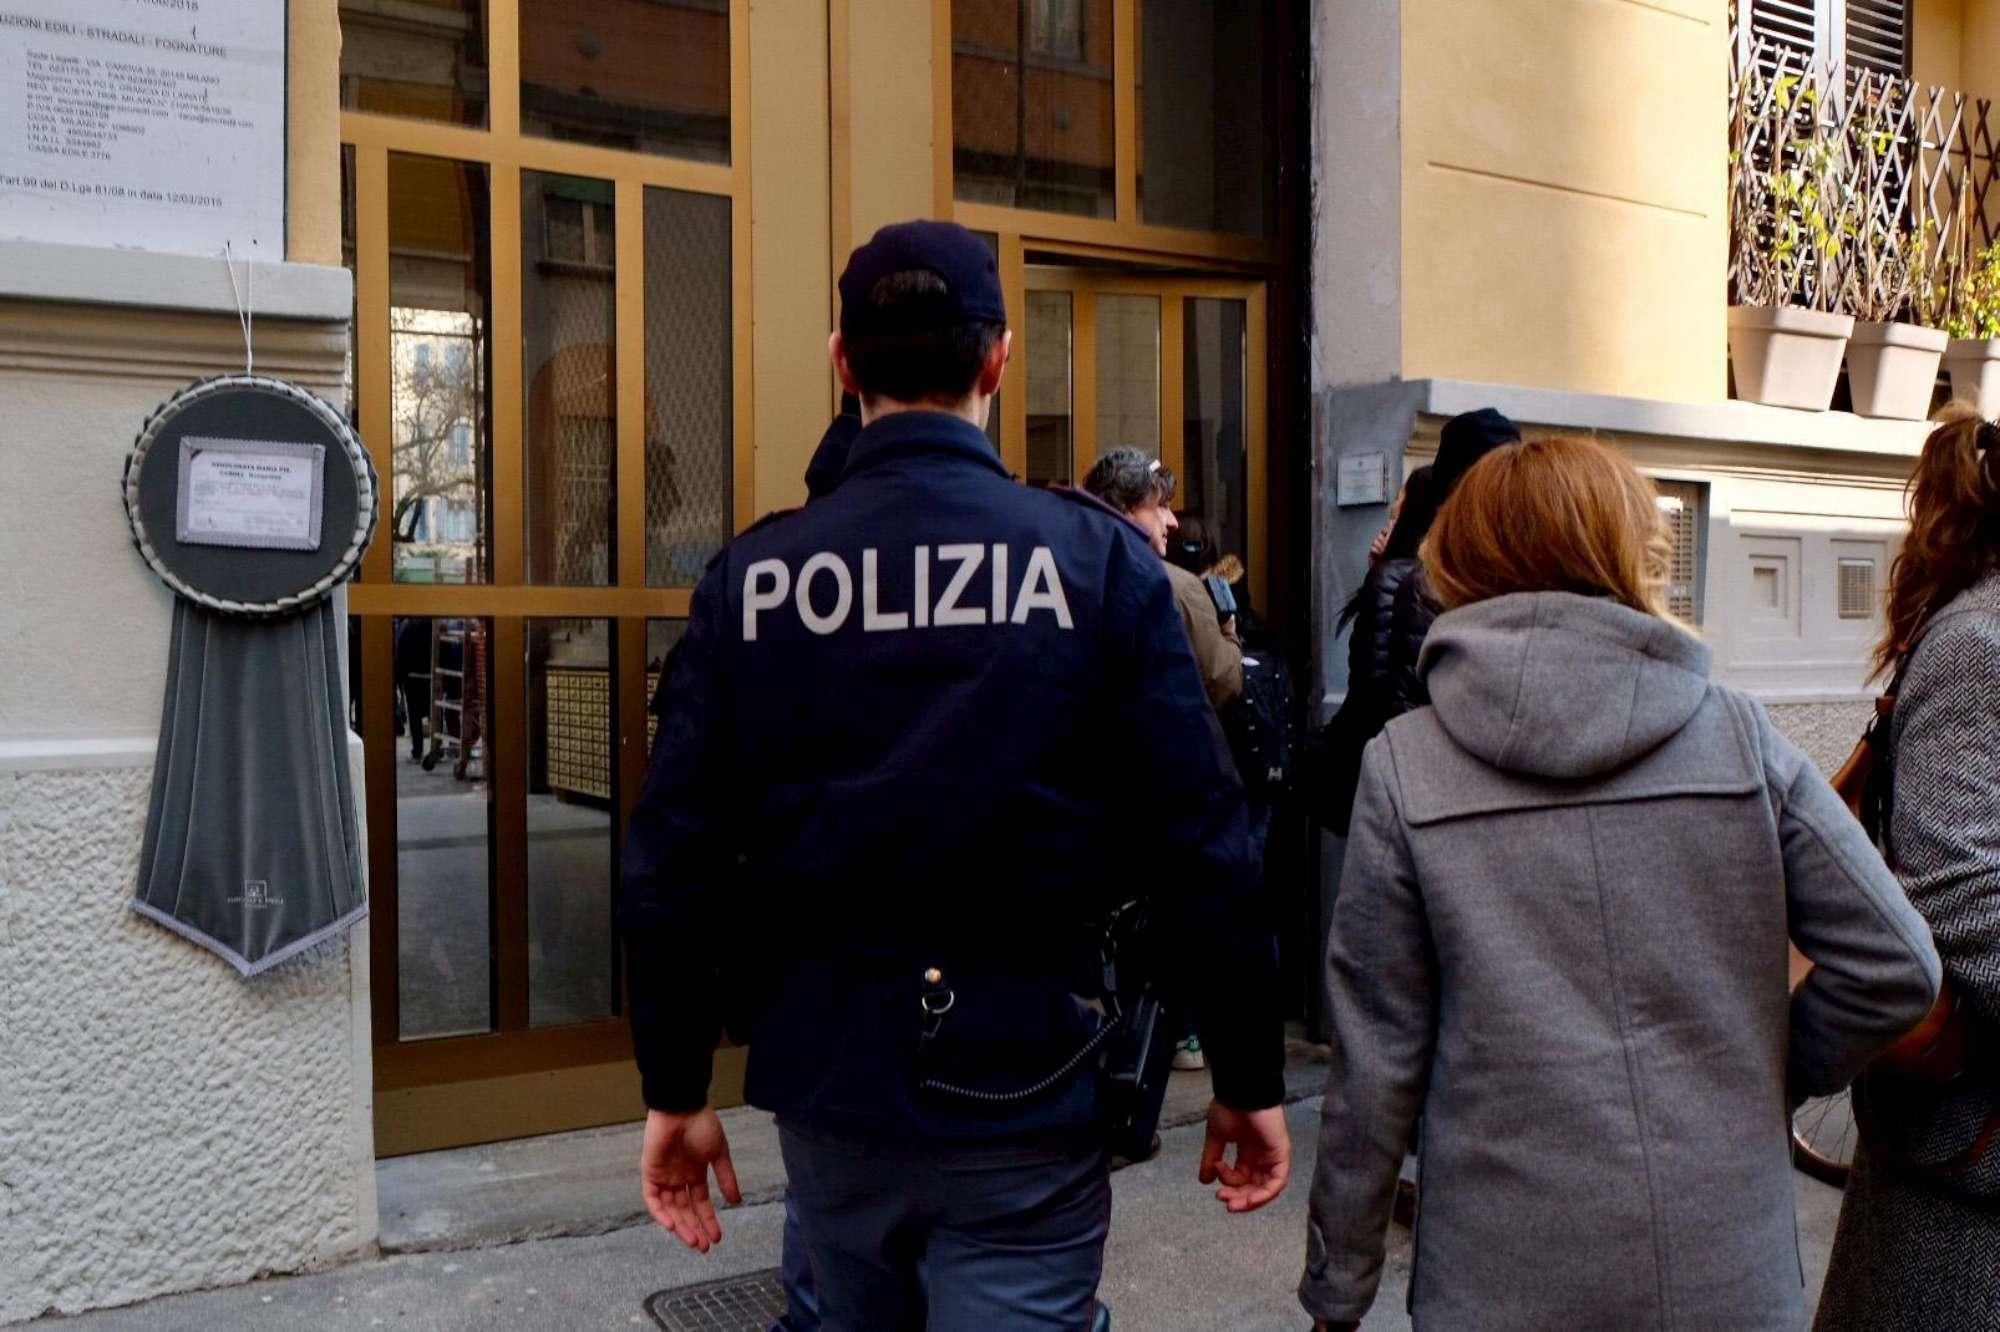 Milano, la scientifica sul luogo del delitto di Jessica